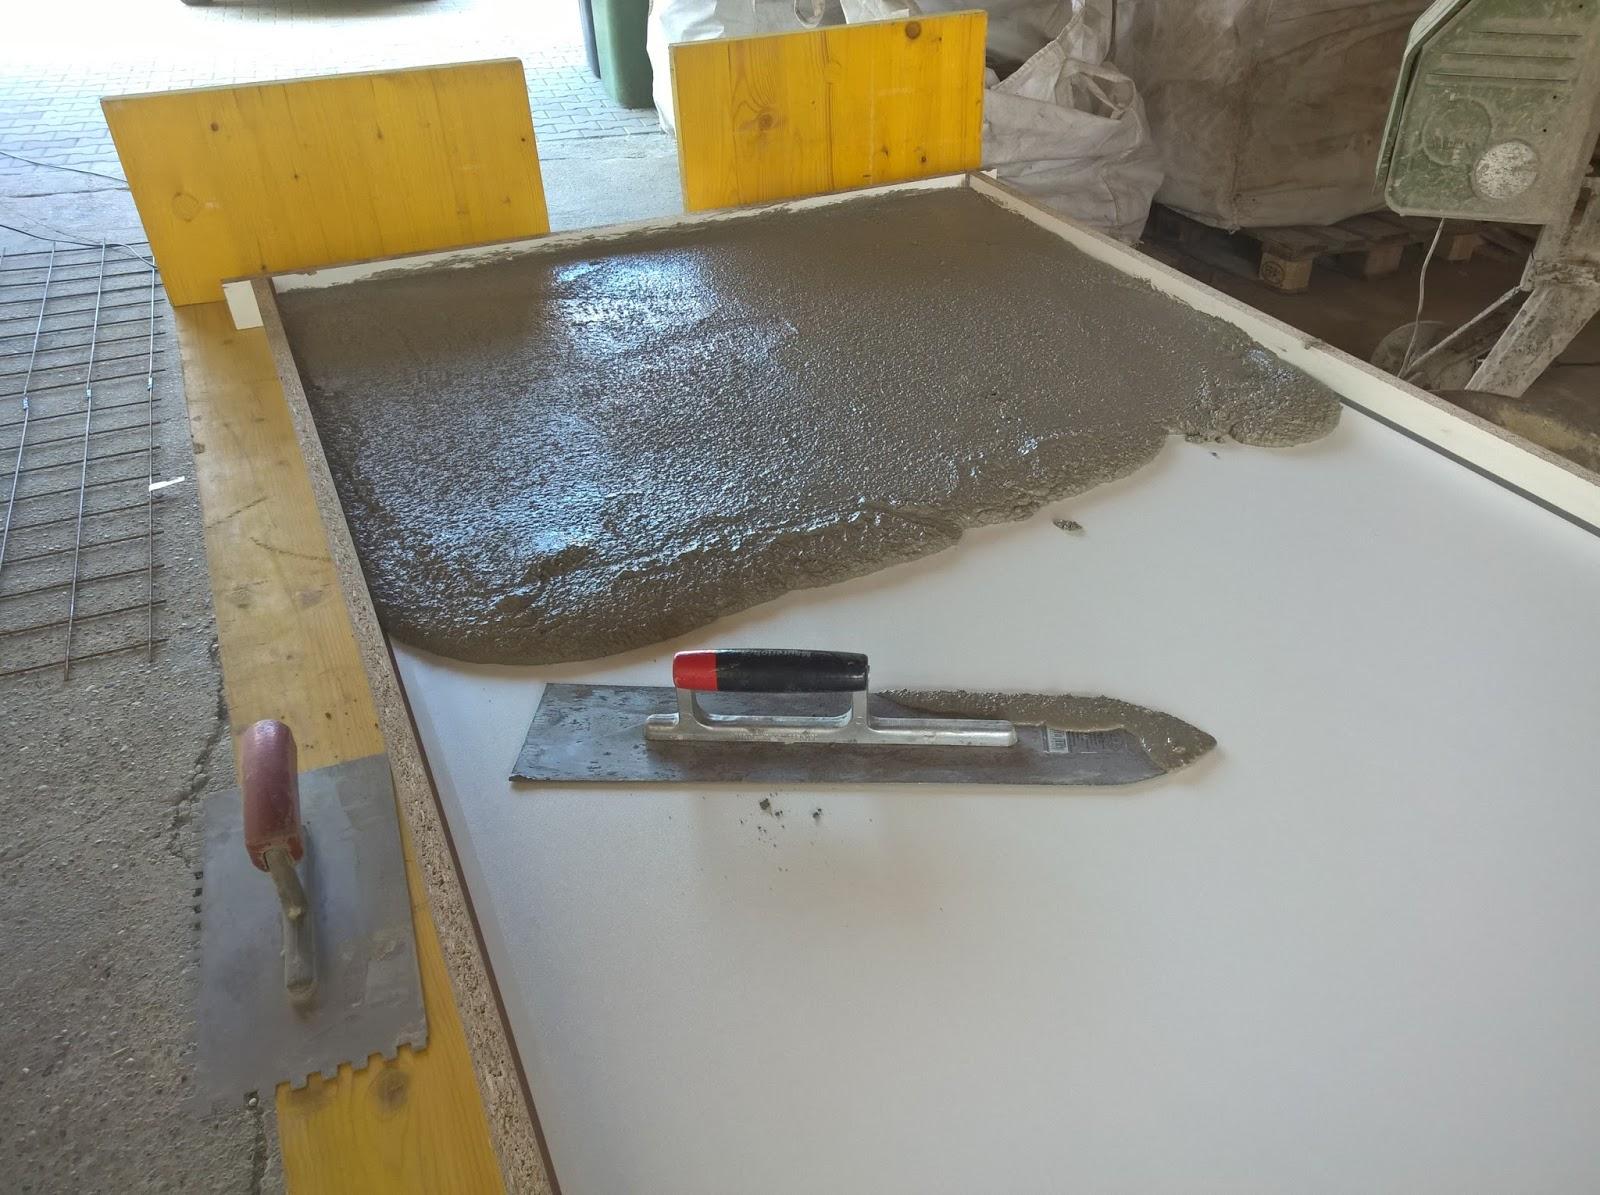 Holz Und Metall Ein Heimwerkerblog Terrassentisch Selber Bauen